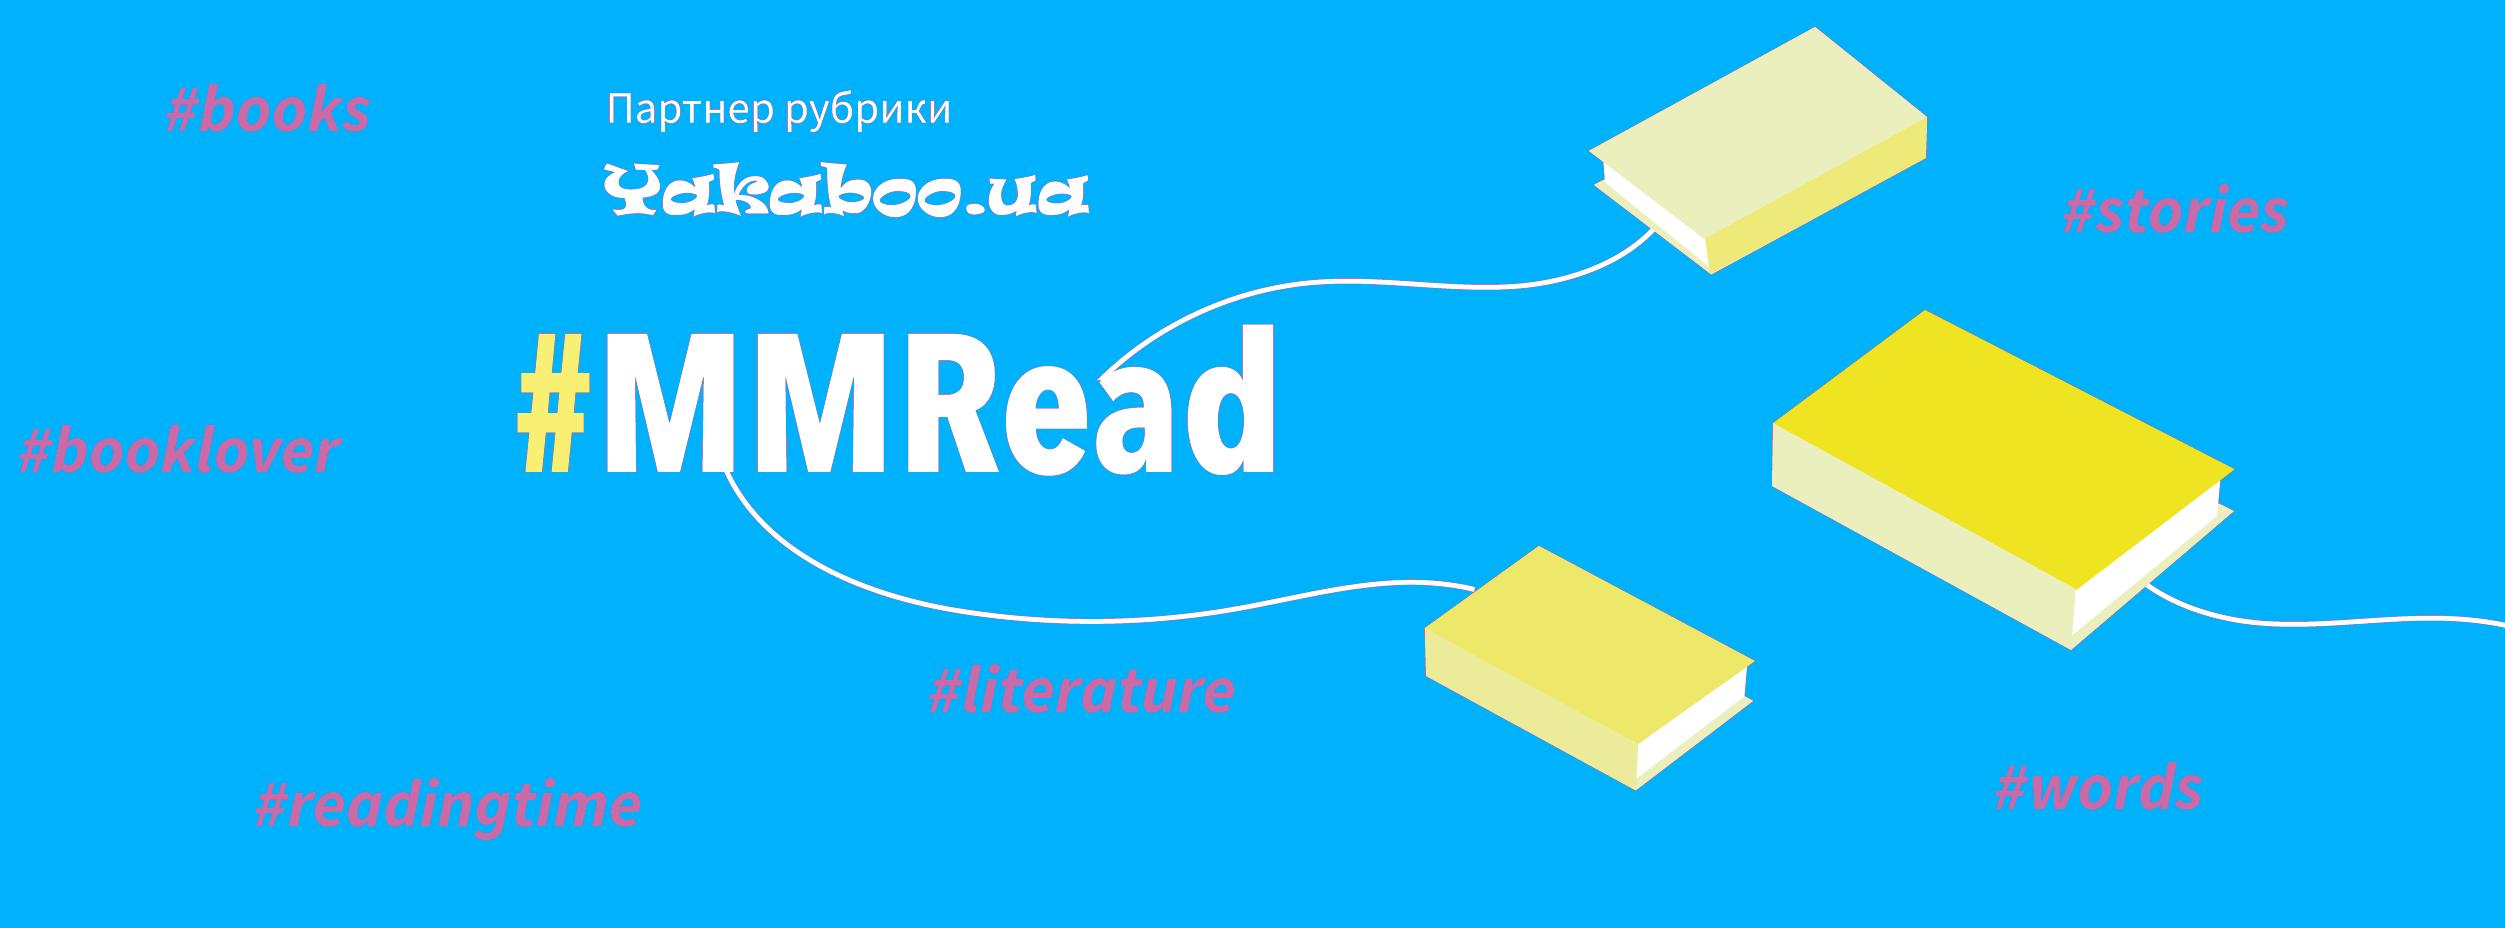 #MMRead: Сім найкращих книг про стратегії та стратегічне мислення